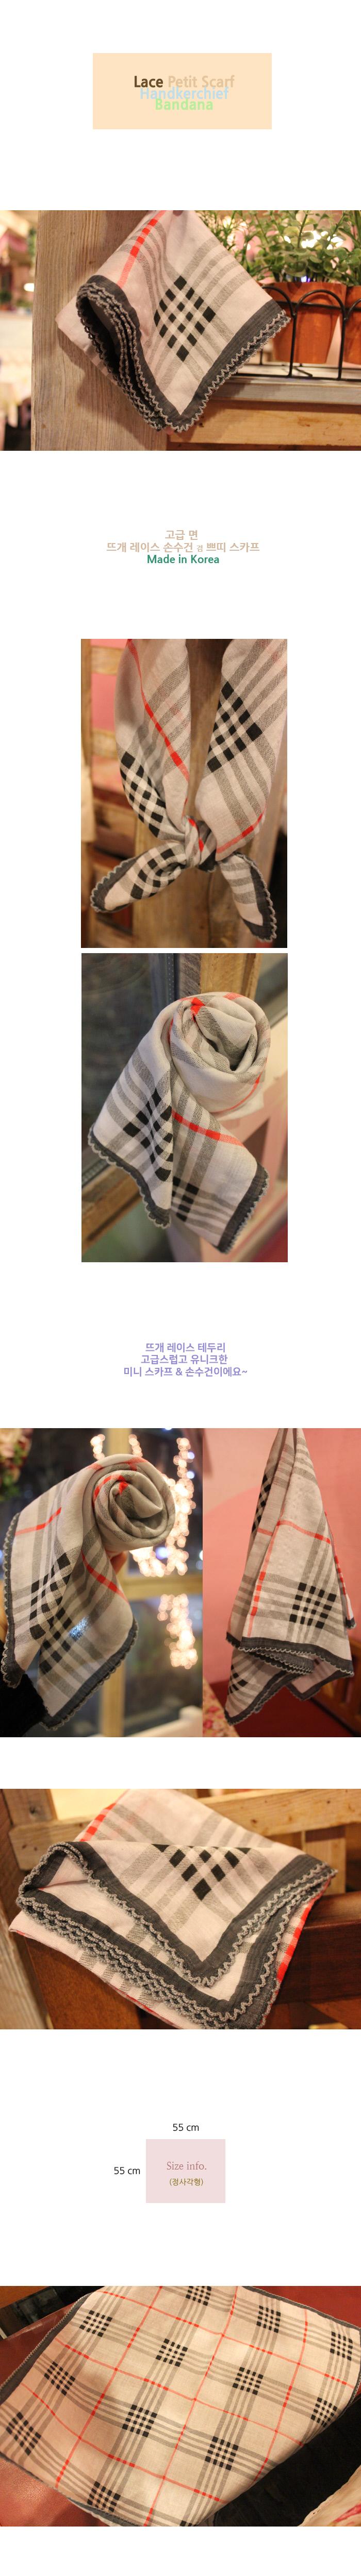 뜨개 레이스 스카프-손수건 (L-22) - 빨래건조대, 8,500원, 스카프, 쁘띠 스카프